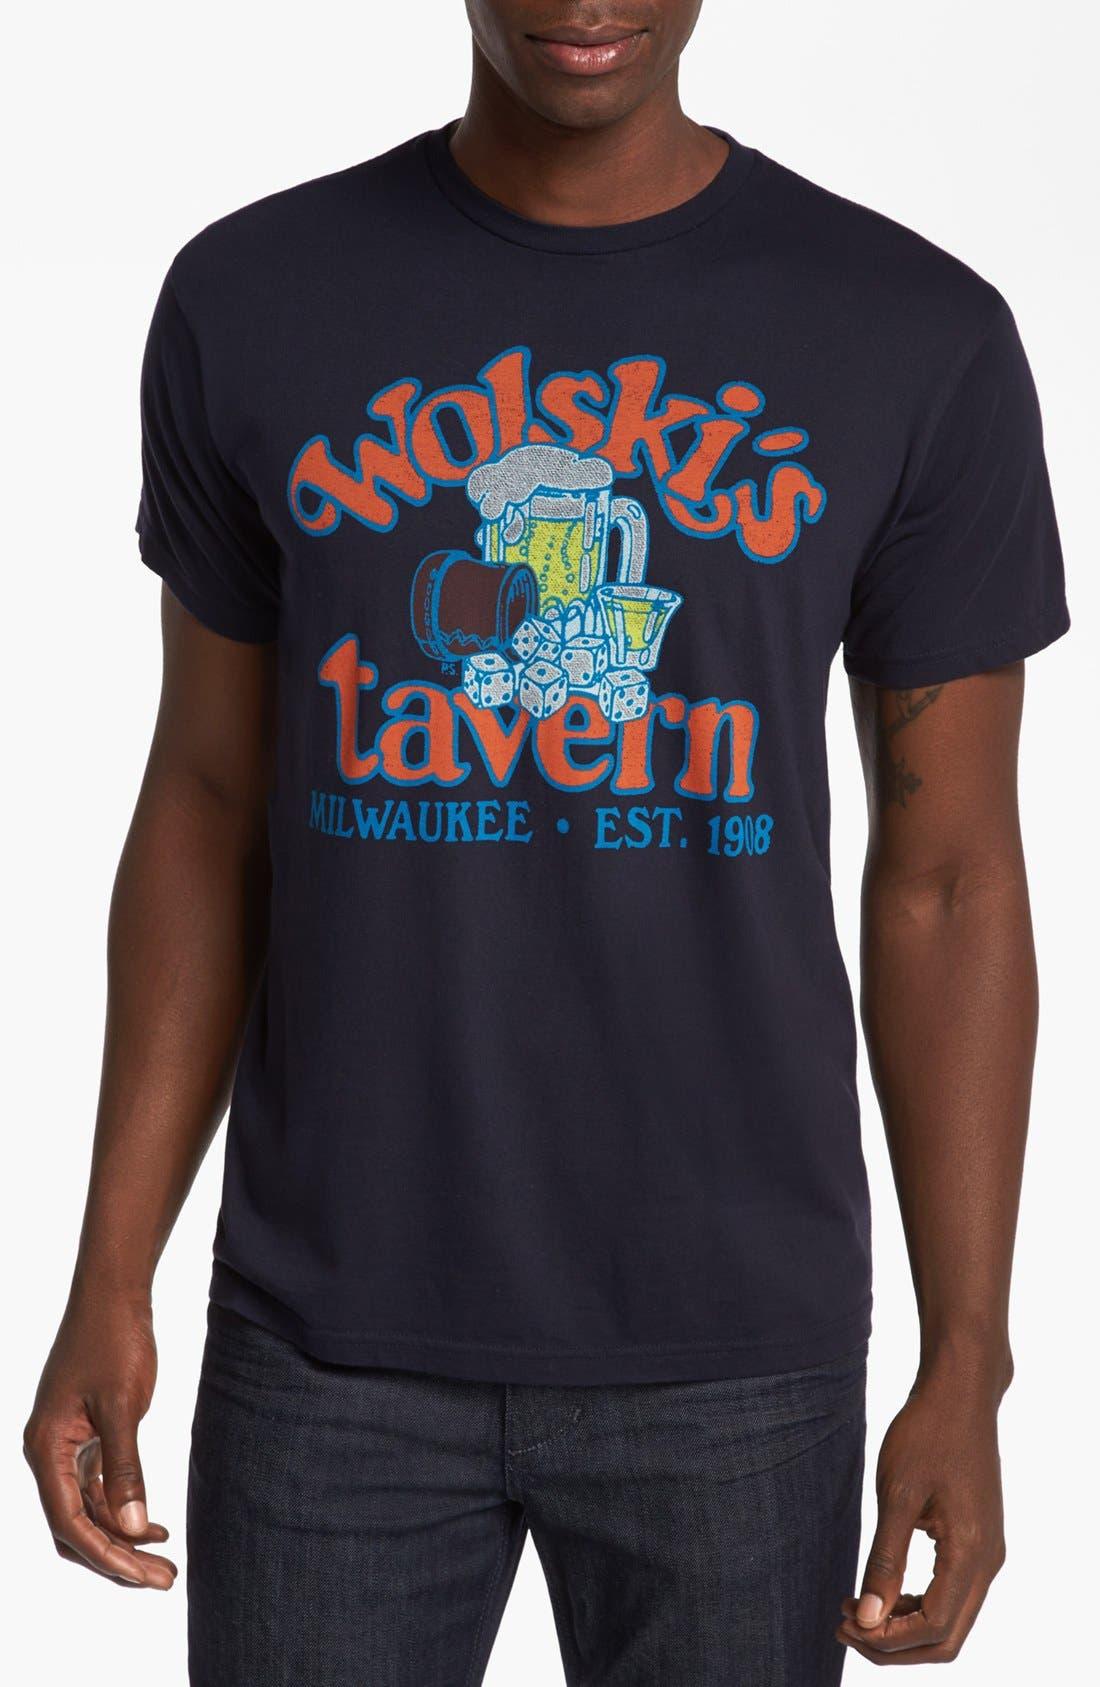 HORSES CUT SHOP 'Wolski's' T-Shirt, Main, color, 410